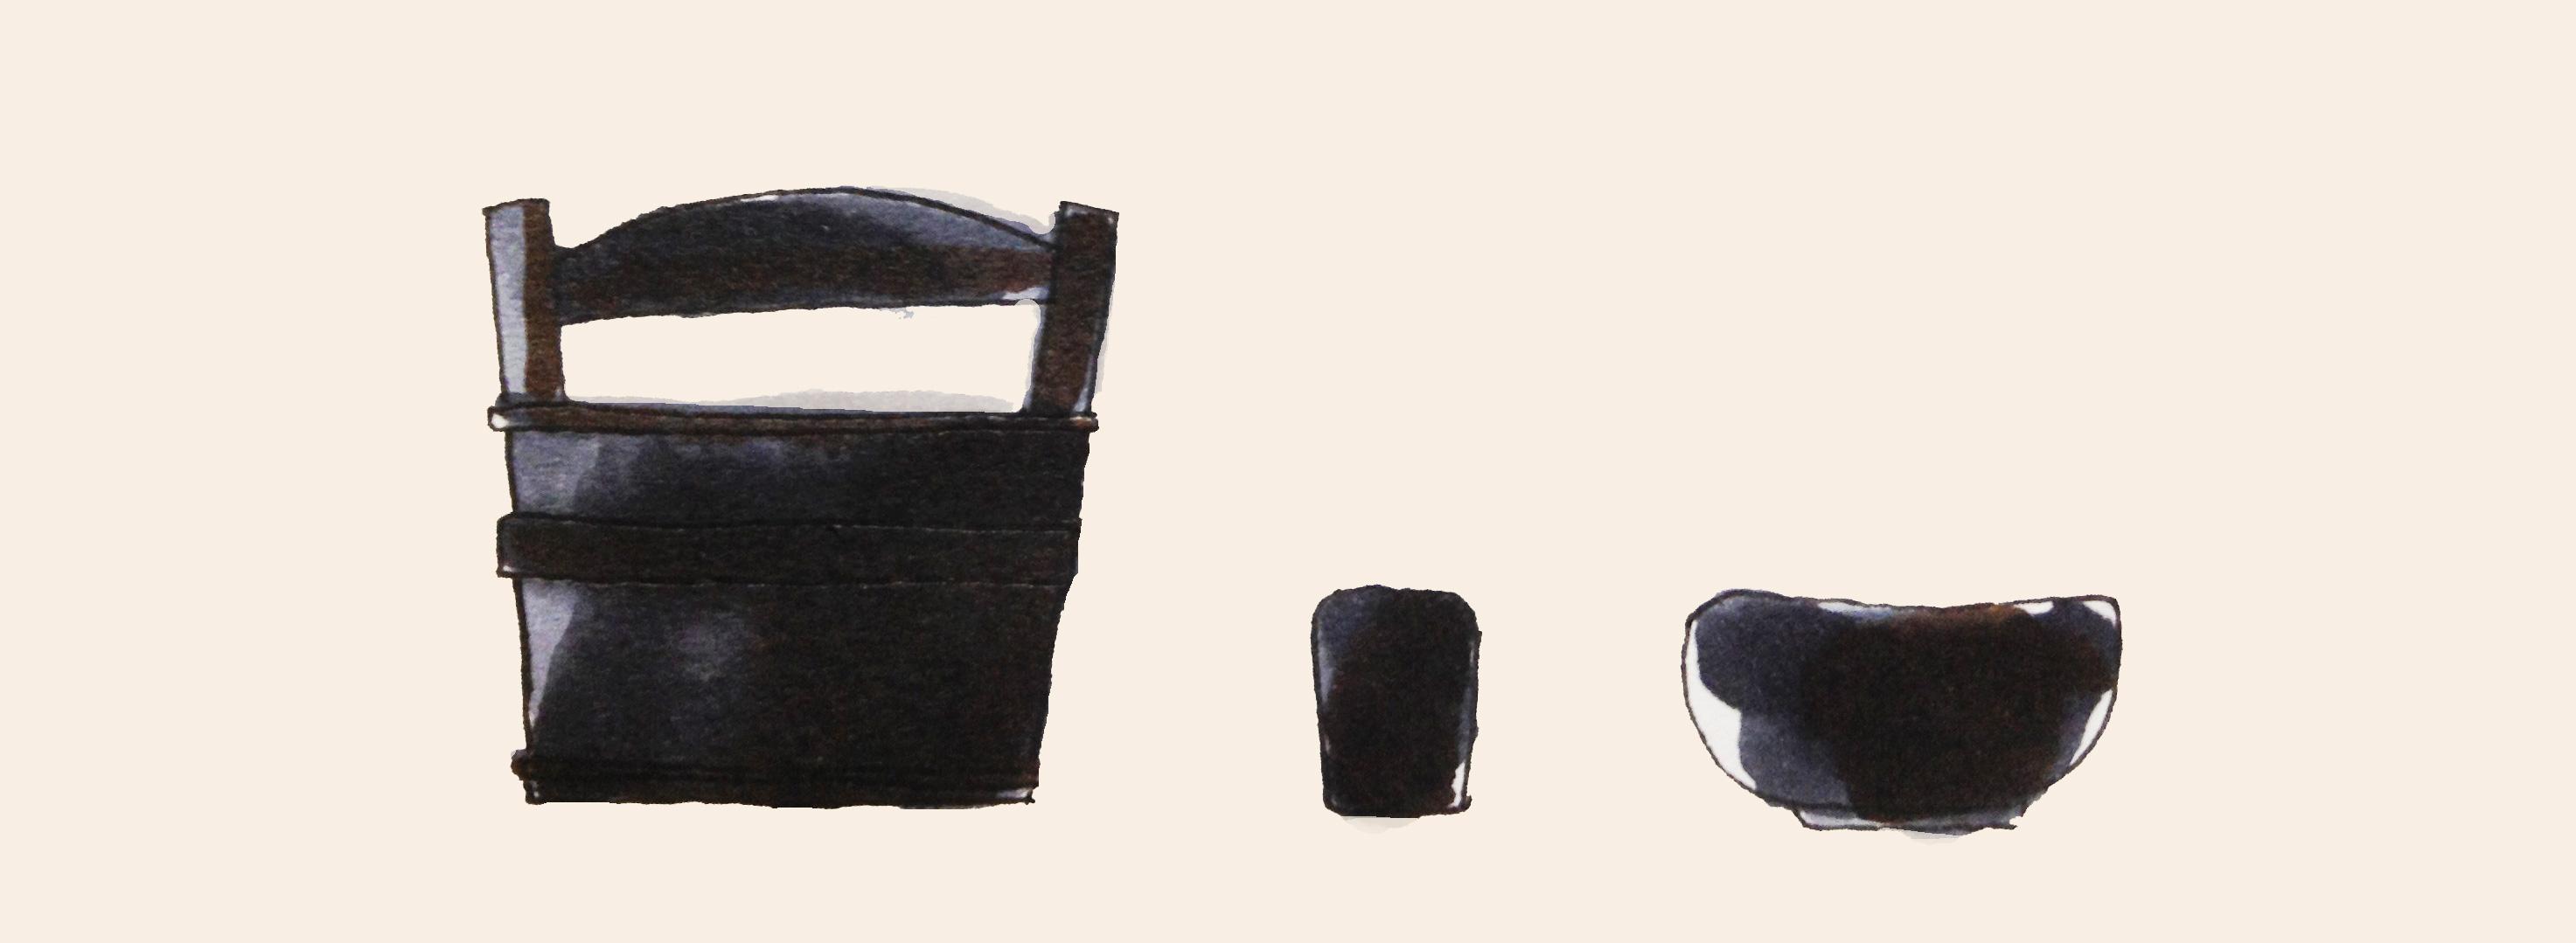 利休好みを想像してみたイメージをコピックで描いたイラスト